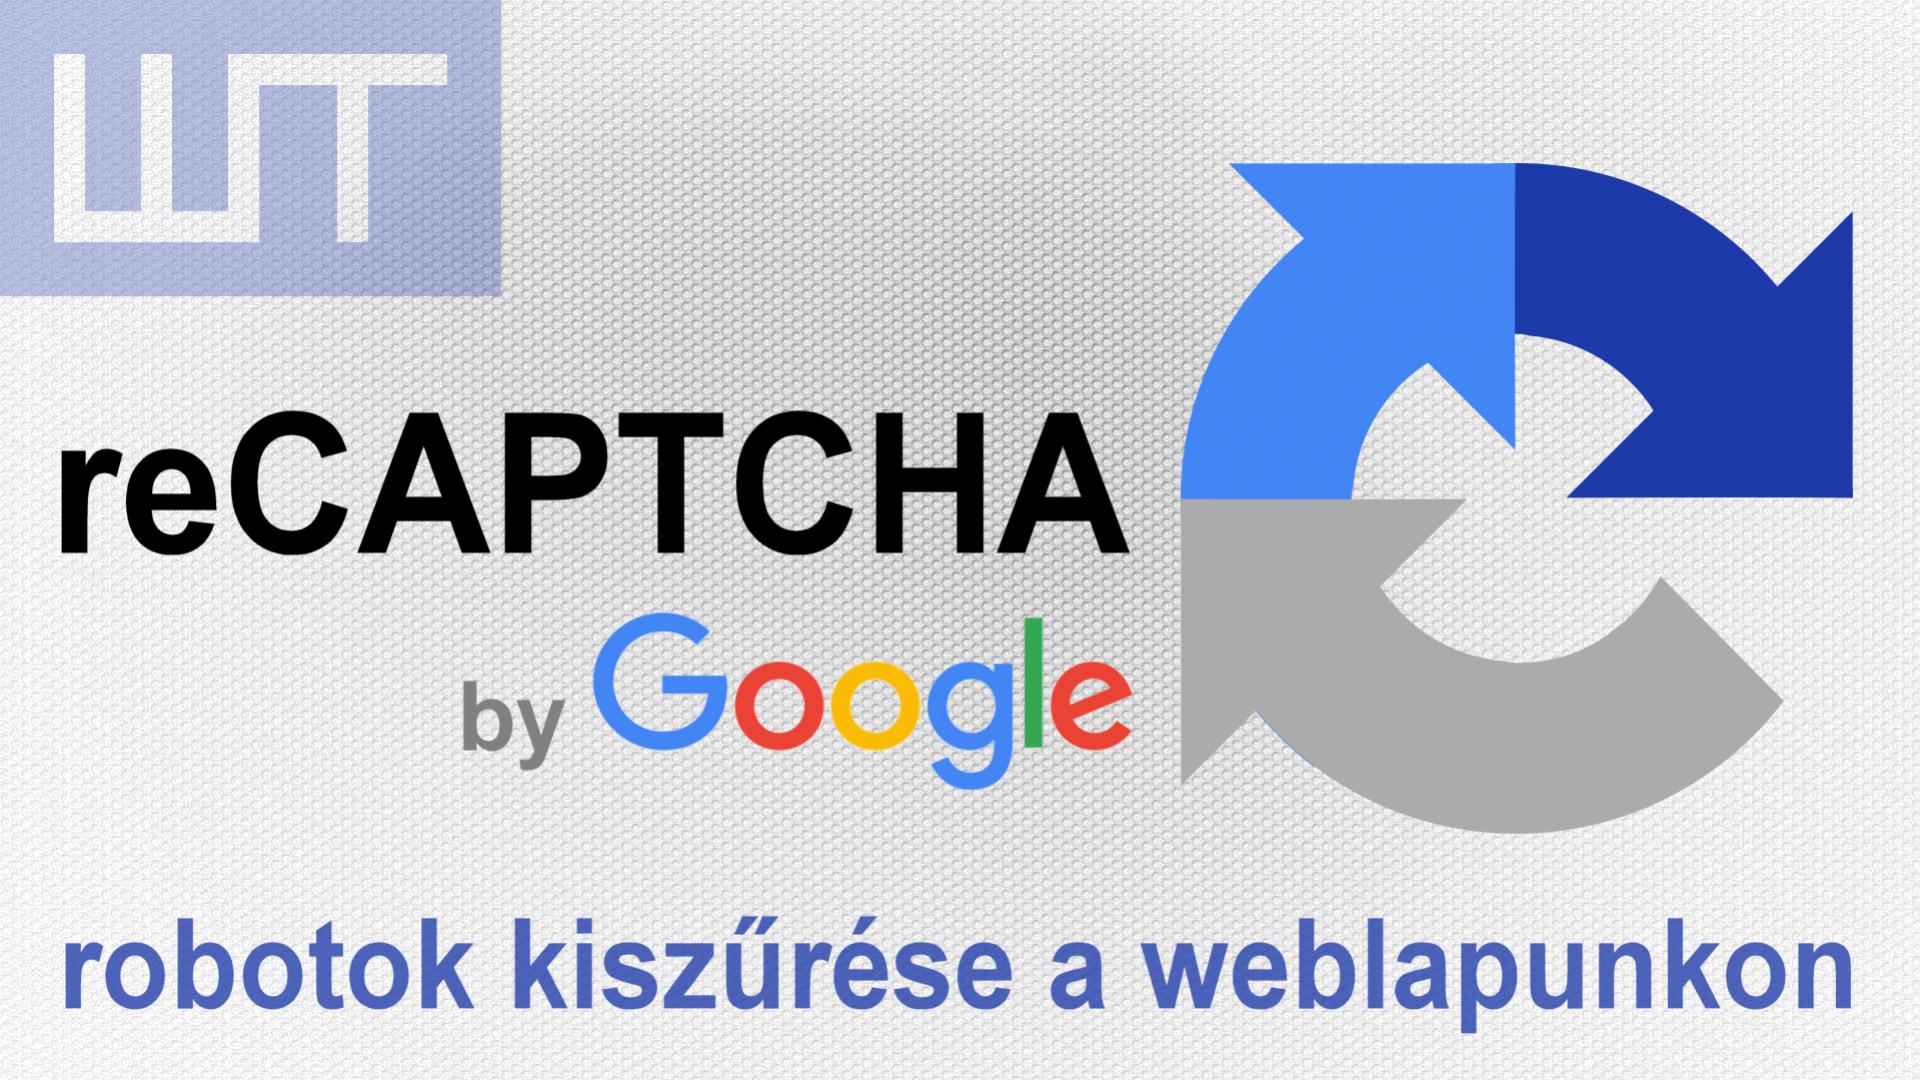 reCAPTCHA - robotok kiszűrése